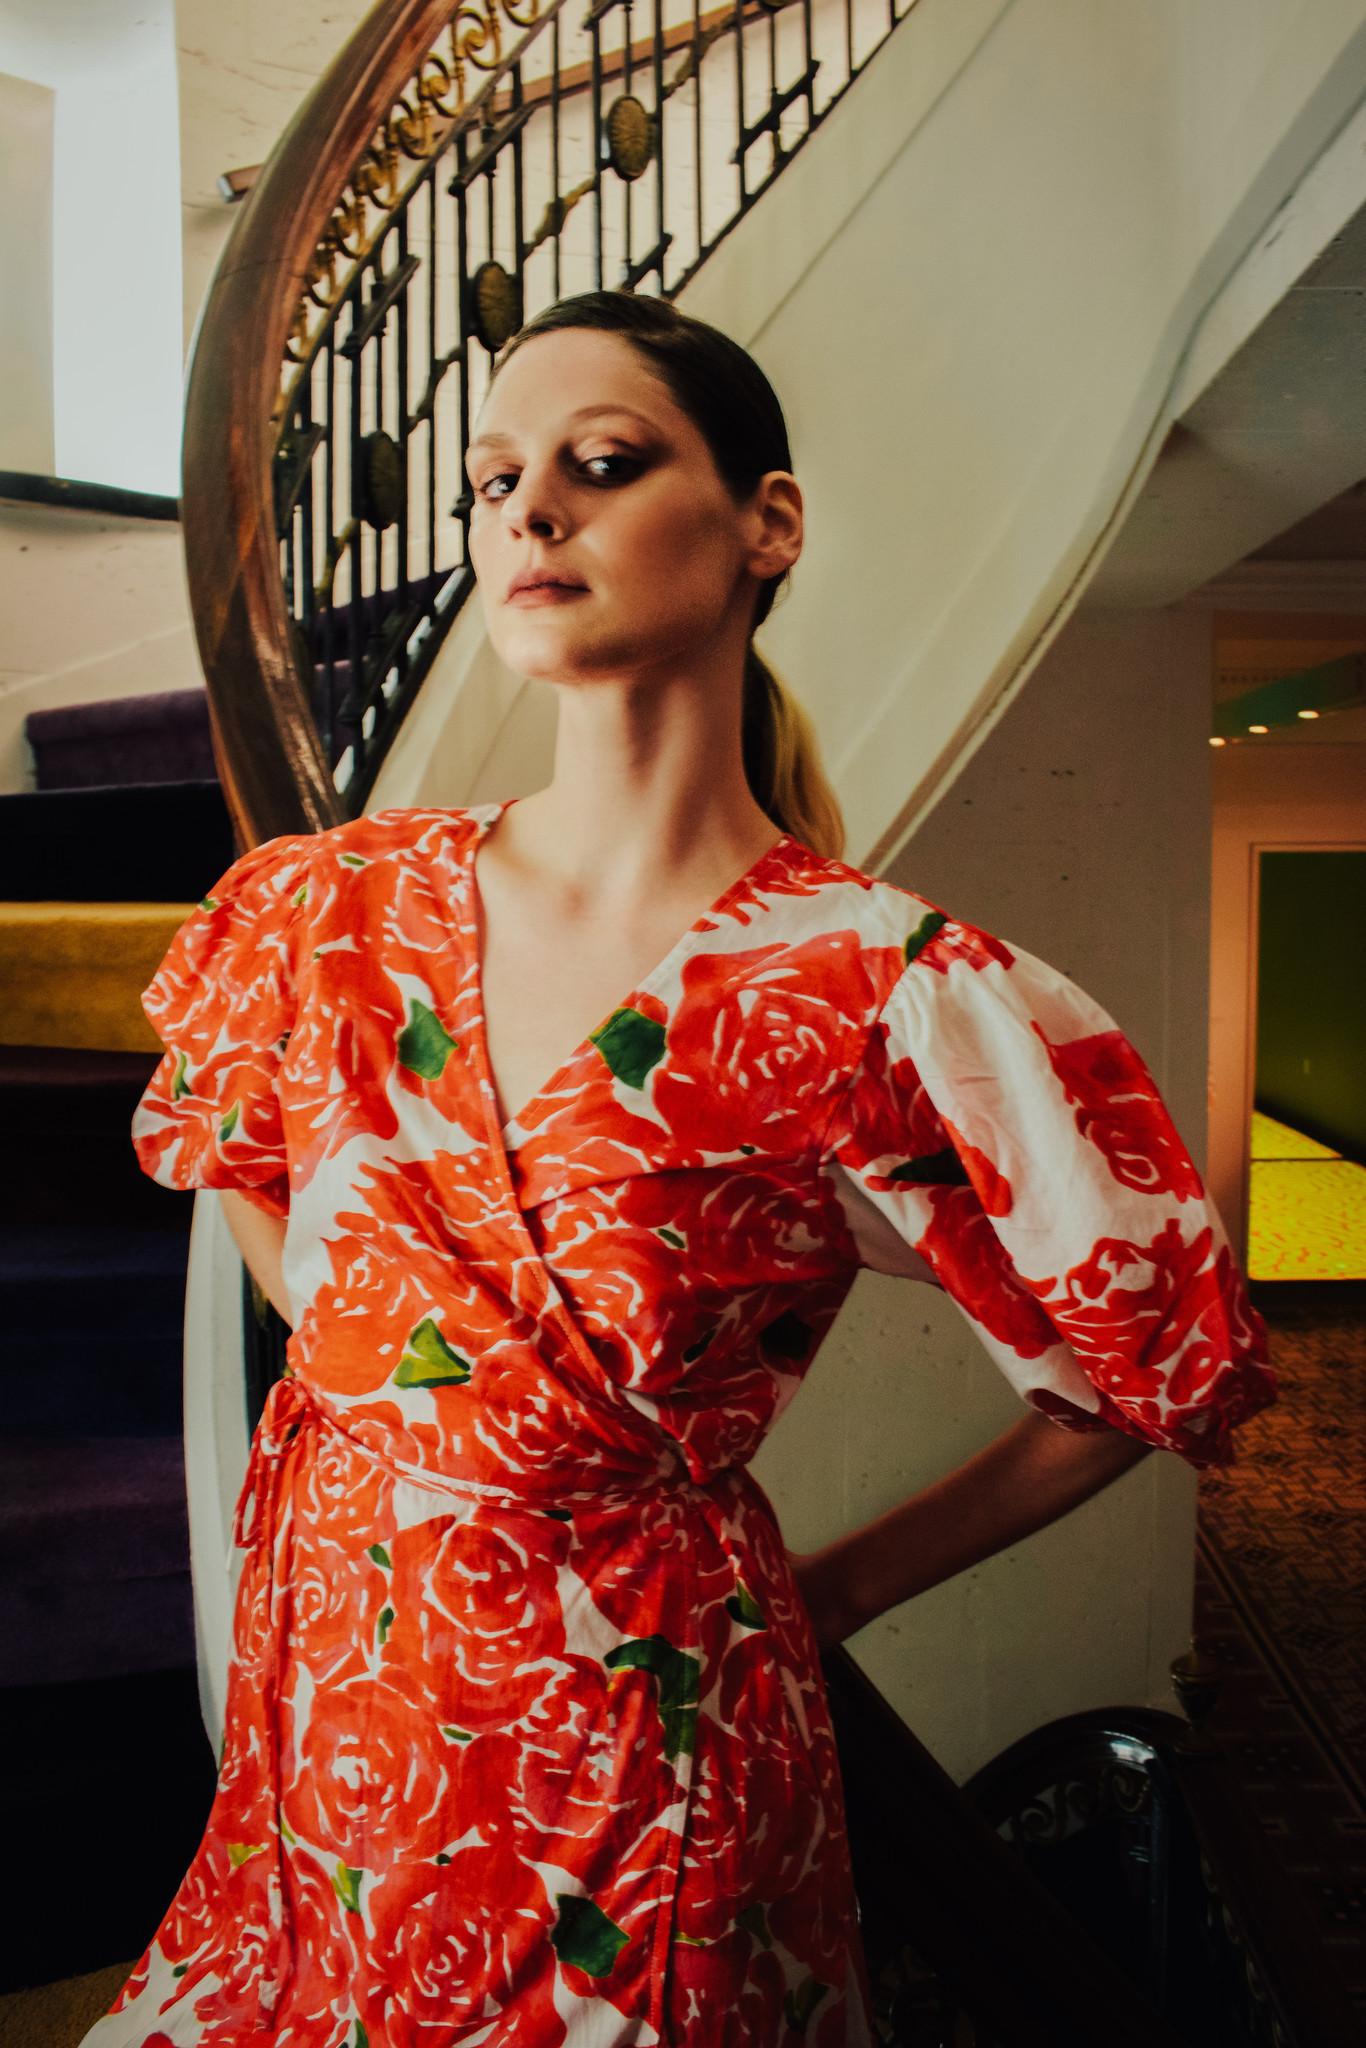 Rhode Fiona Dress, Rose Bouquet